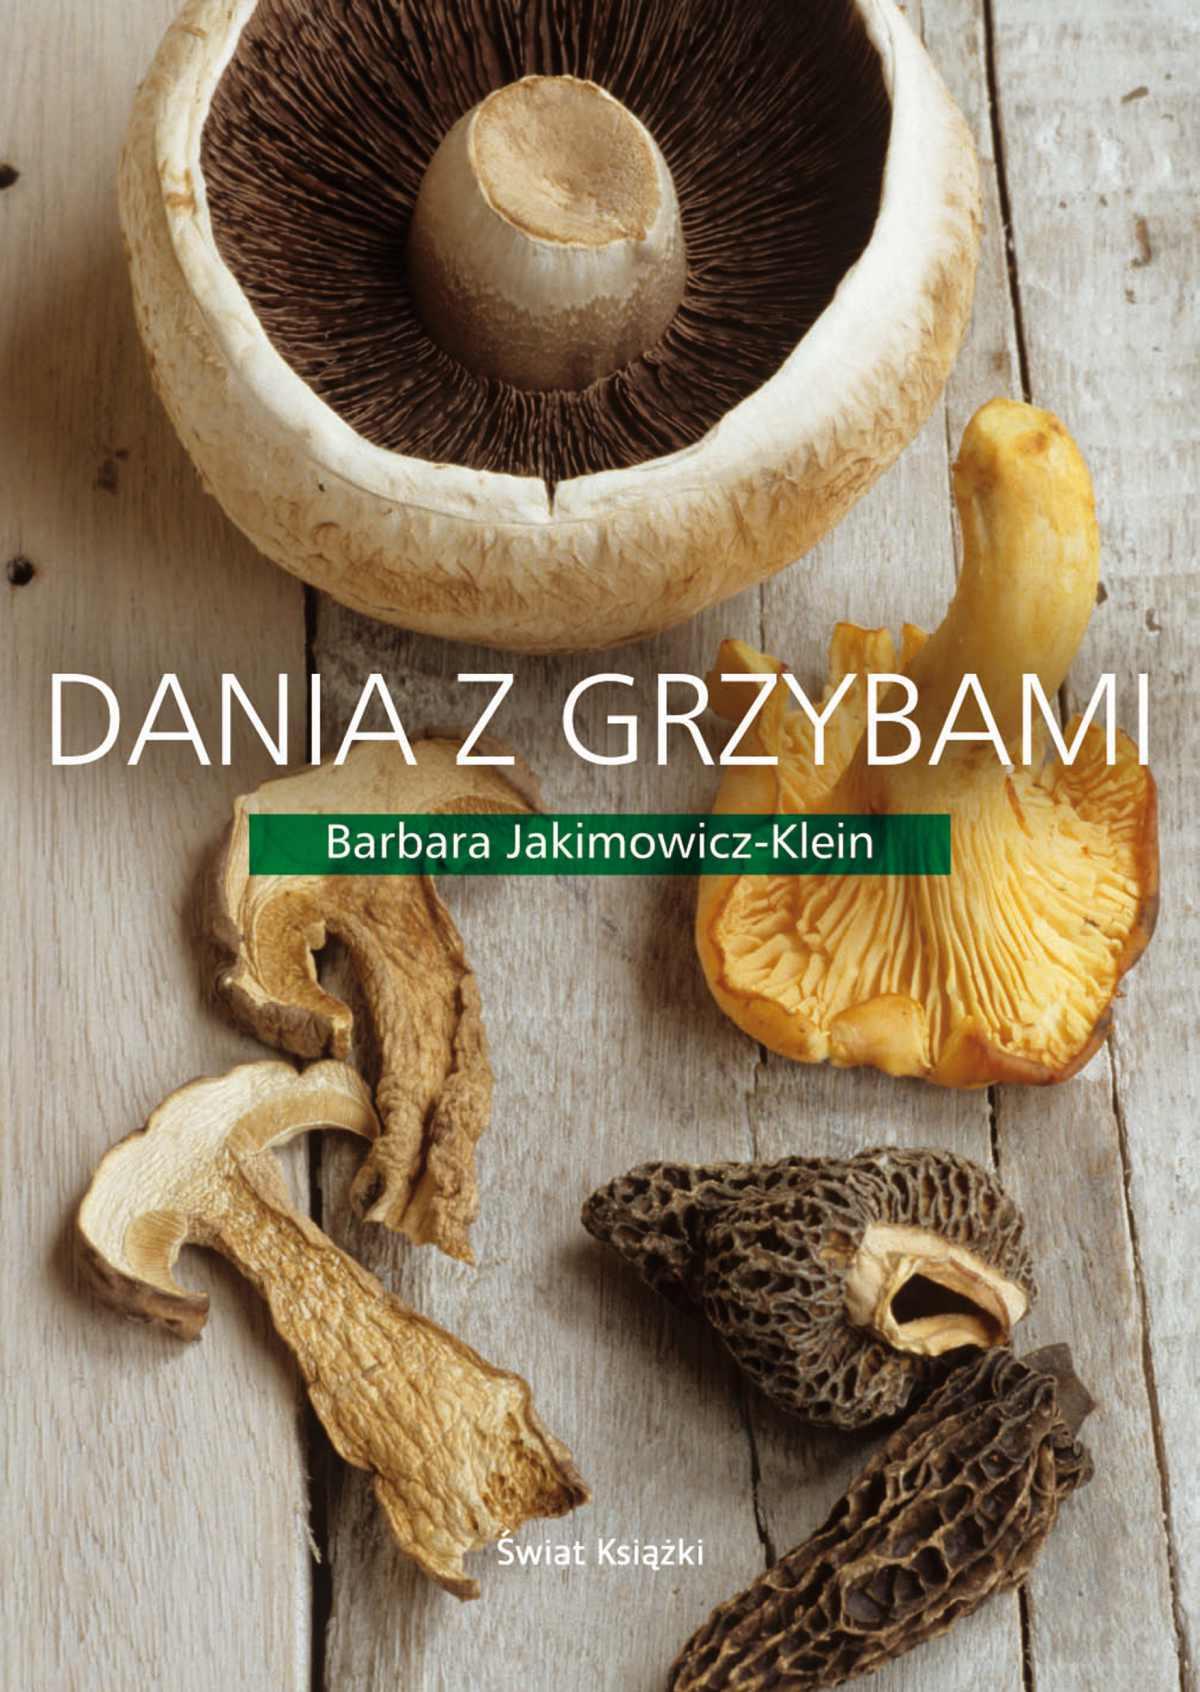 Dania z grzybami - Ebook (Książka EPUB) do pobrania w formacie EPUB